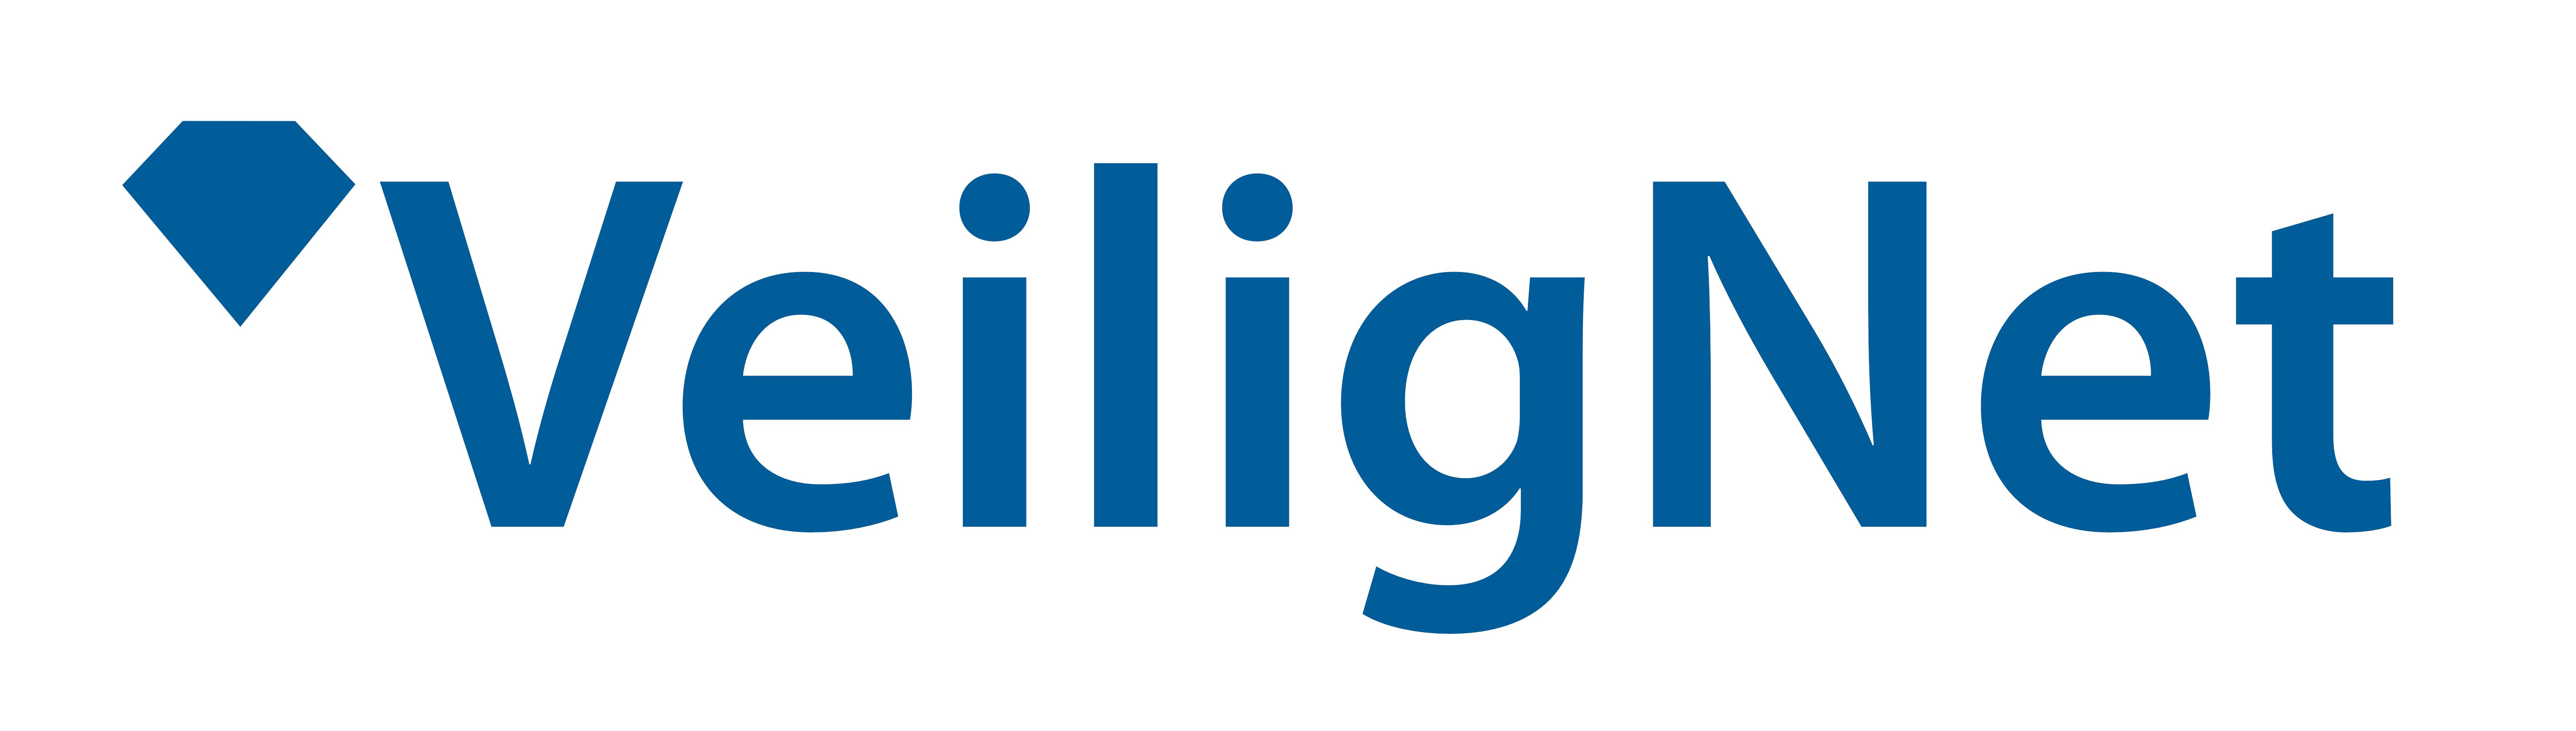 Website VeiligNet